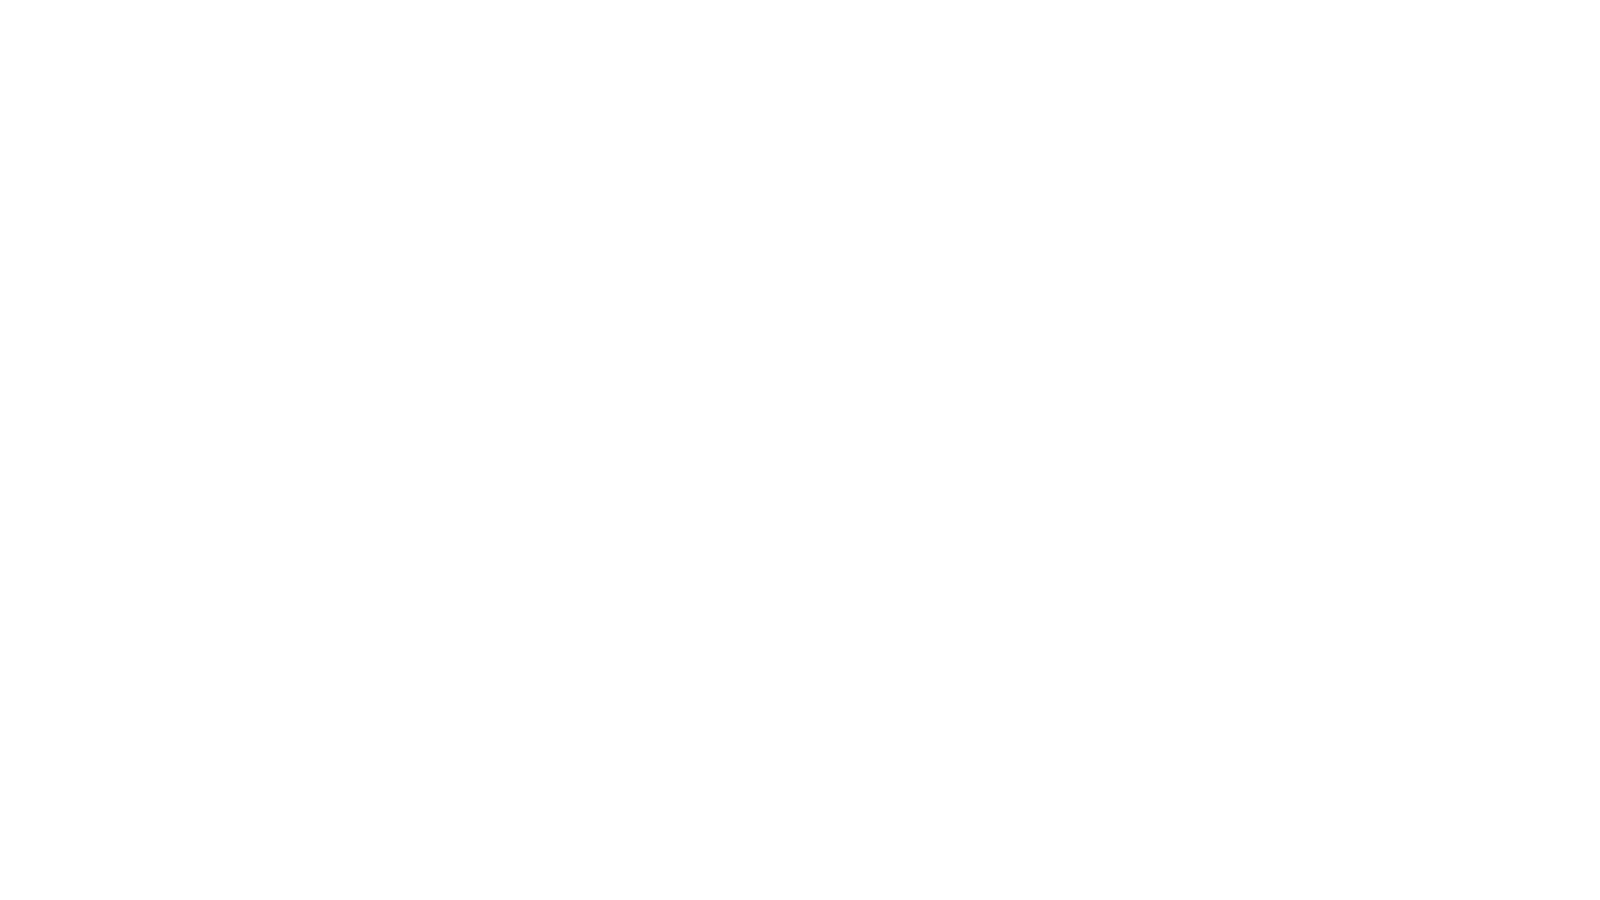 Prowadzenie antykwariatu na współczesnym rynku książki, nastawionym na ciągłe nowości, to niełatwe zadanie. Pani Barbara Jaworska, która odziedziczyła po ojcu Antykwariat im. A. Jaworskiego, opowiedziała nam jak wygląda taka praca. Zapraszamy do obejrzenia filmu.